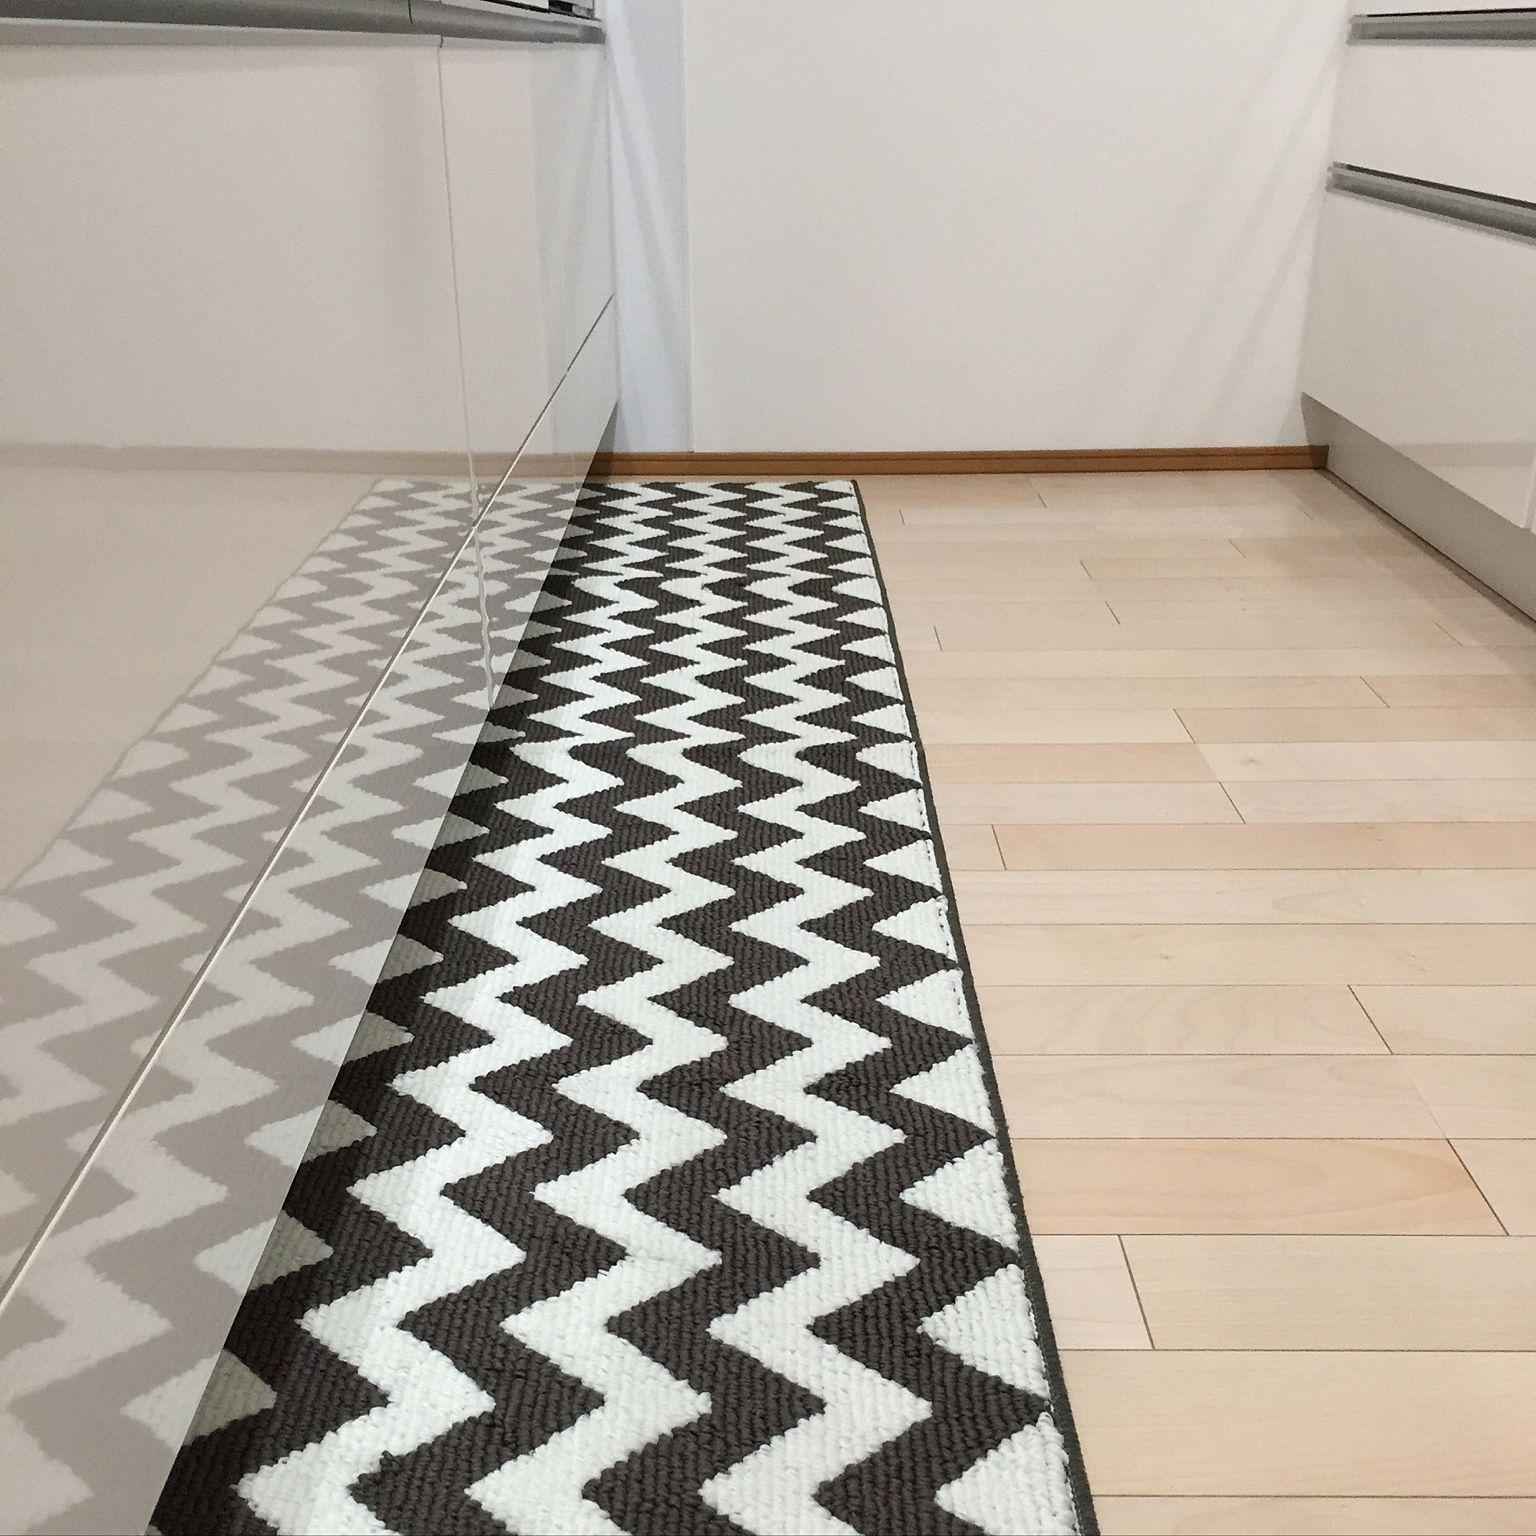 料理をもっと楽しく しまむらのキッチンマットでつくるおしゃれ 黒と白のモダンなデザインのキッチンマット Kuhnya